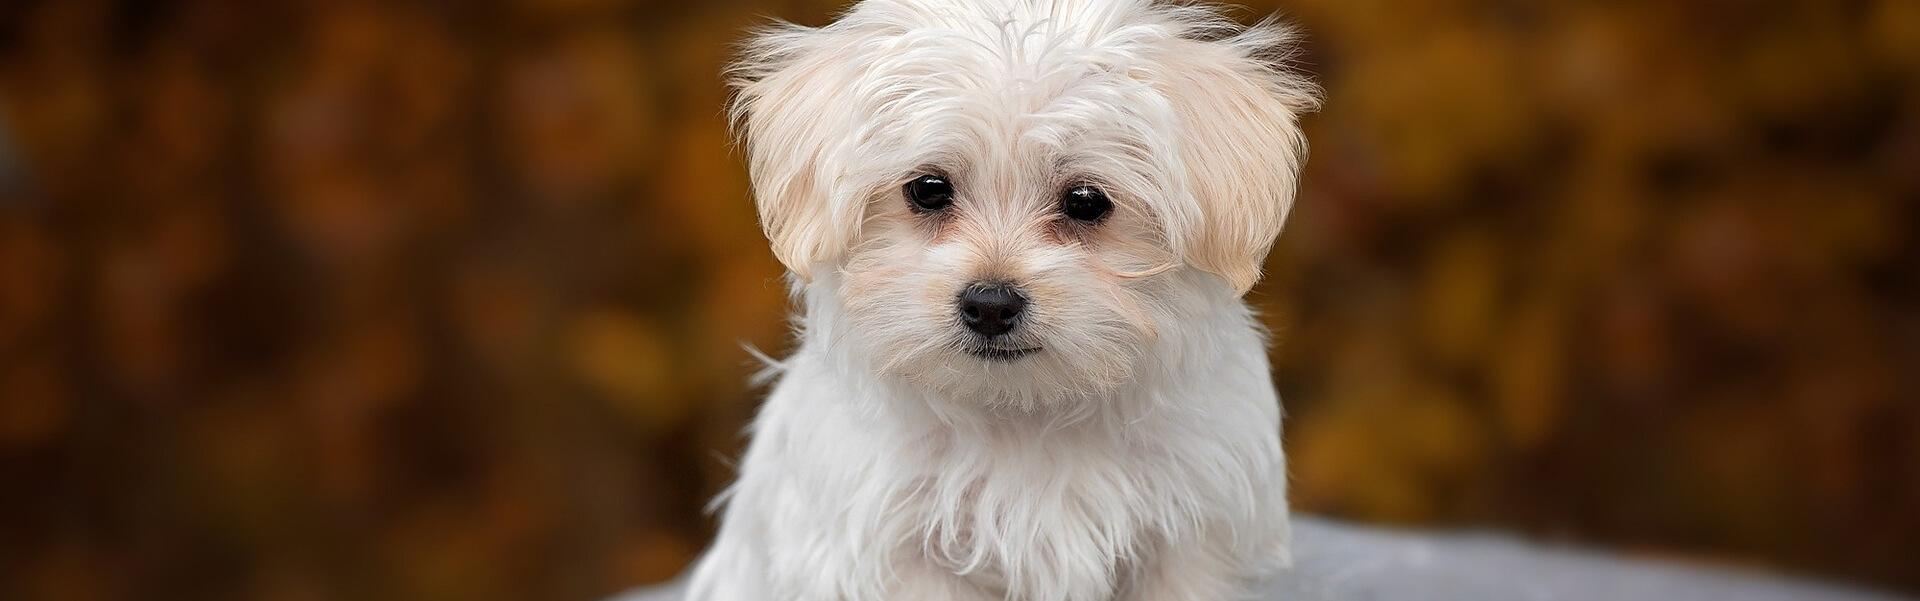 Geeignet hunde für allergiker Hunde für